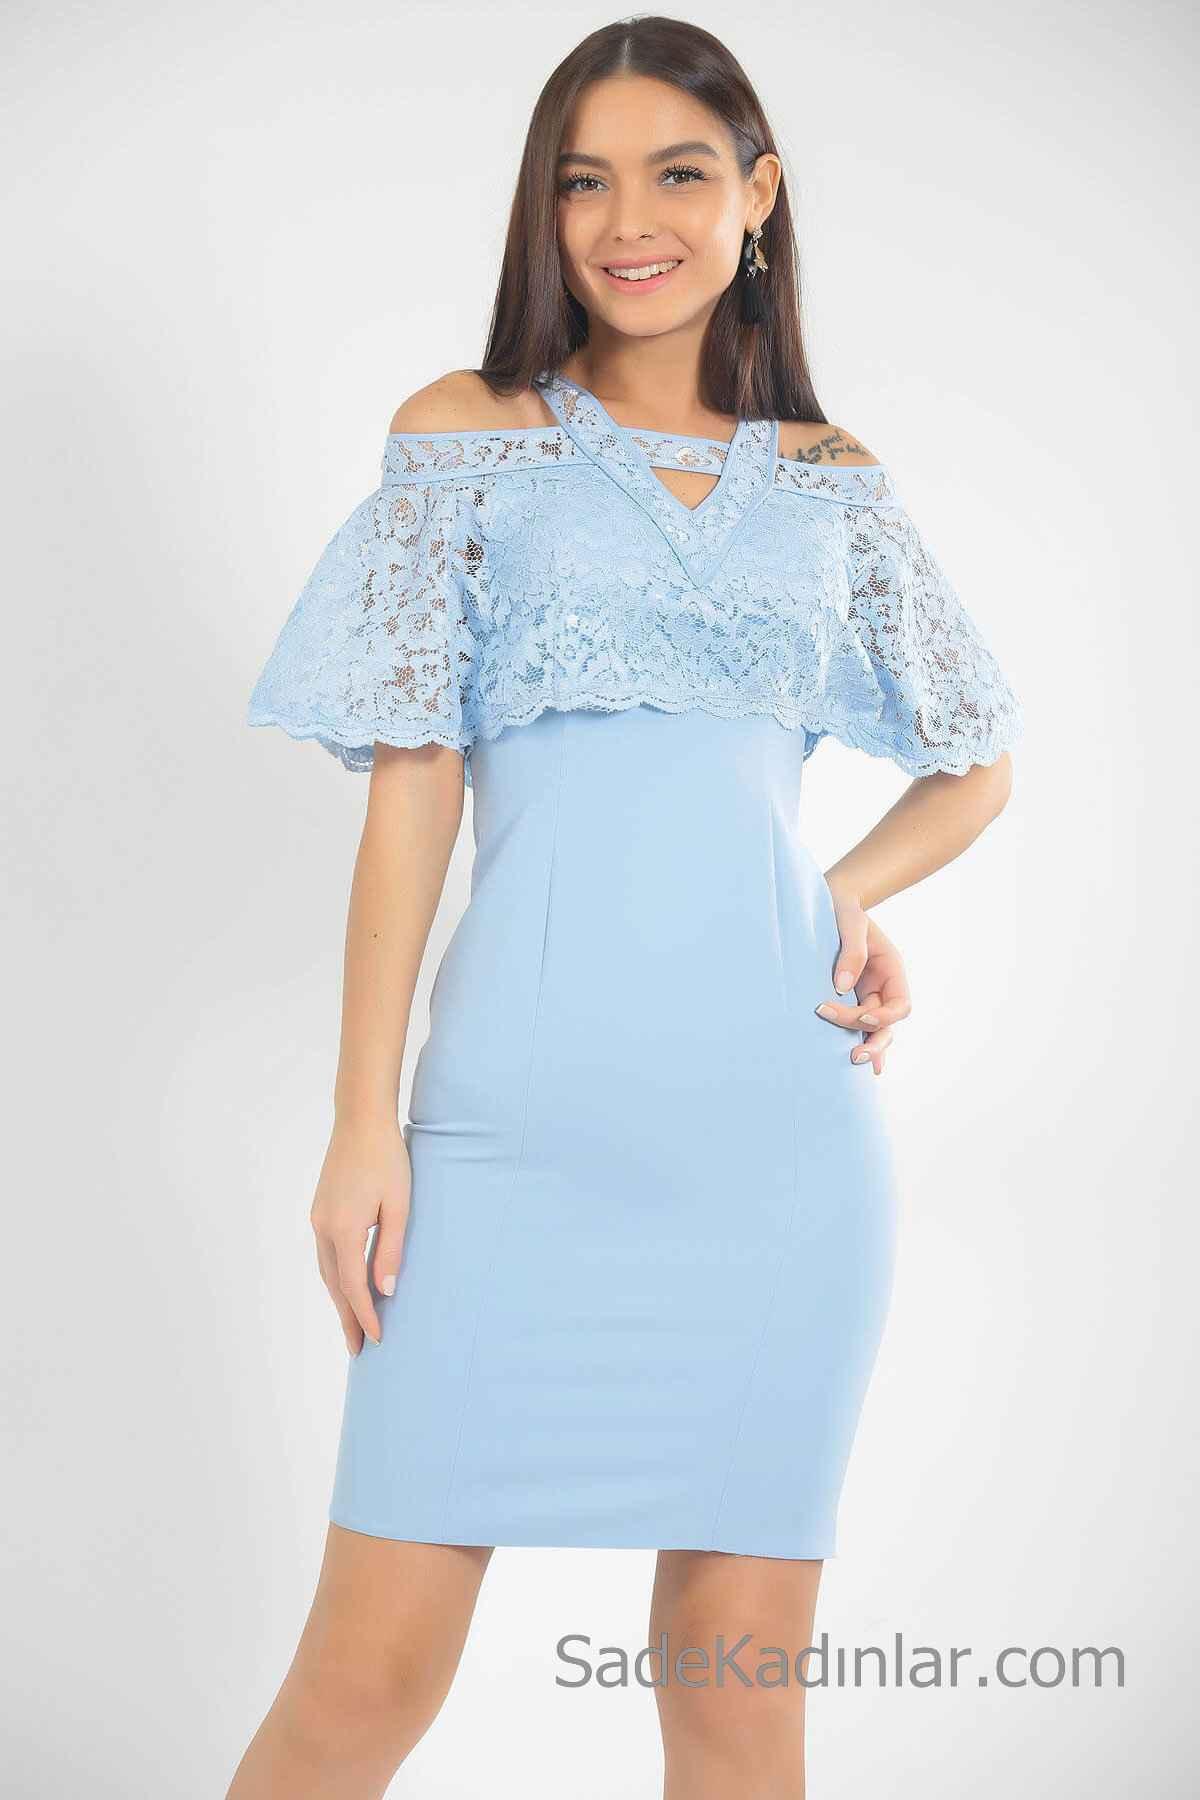 Açık Mavi Kısa Elbiseler 2019